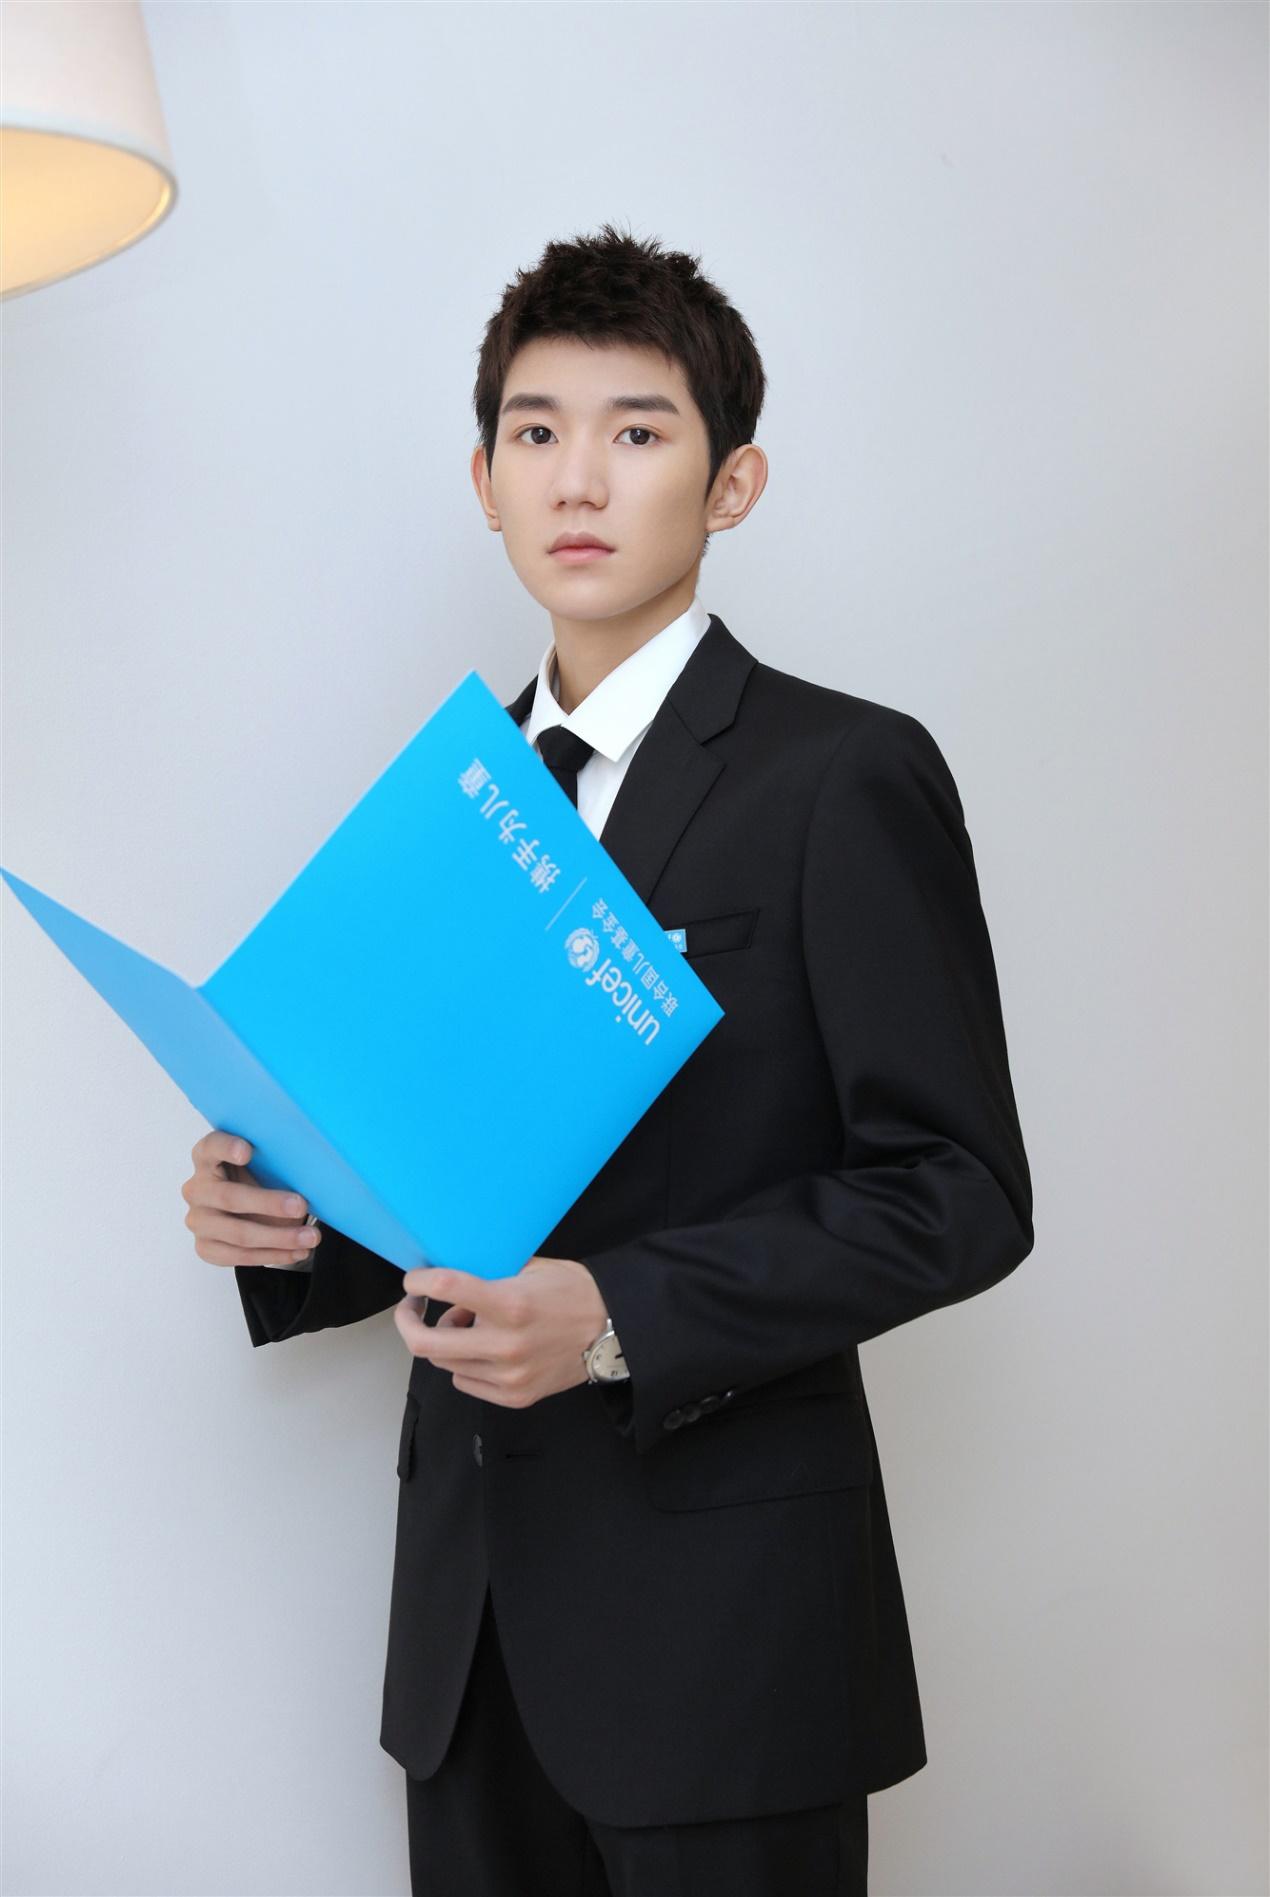 王源出席联合国大会.jpg